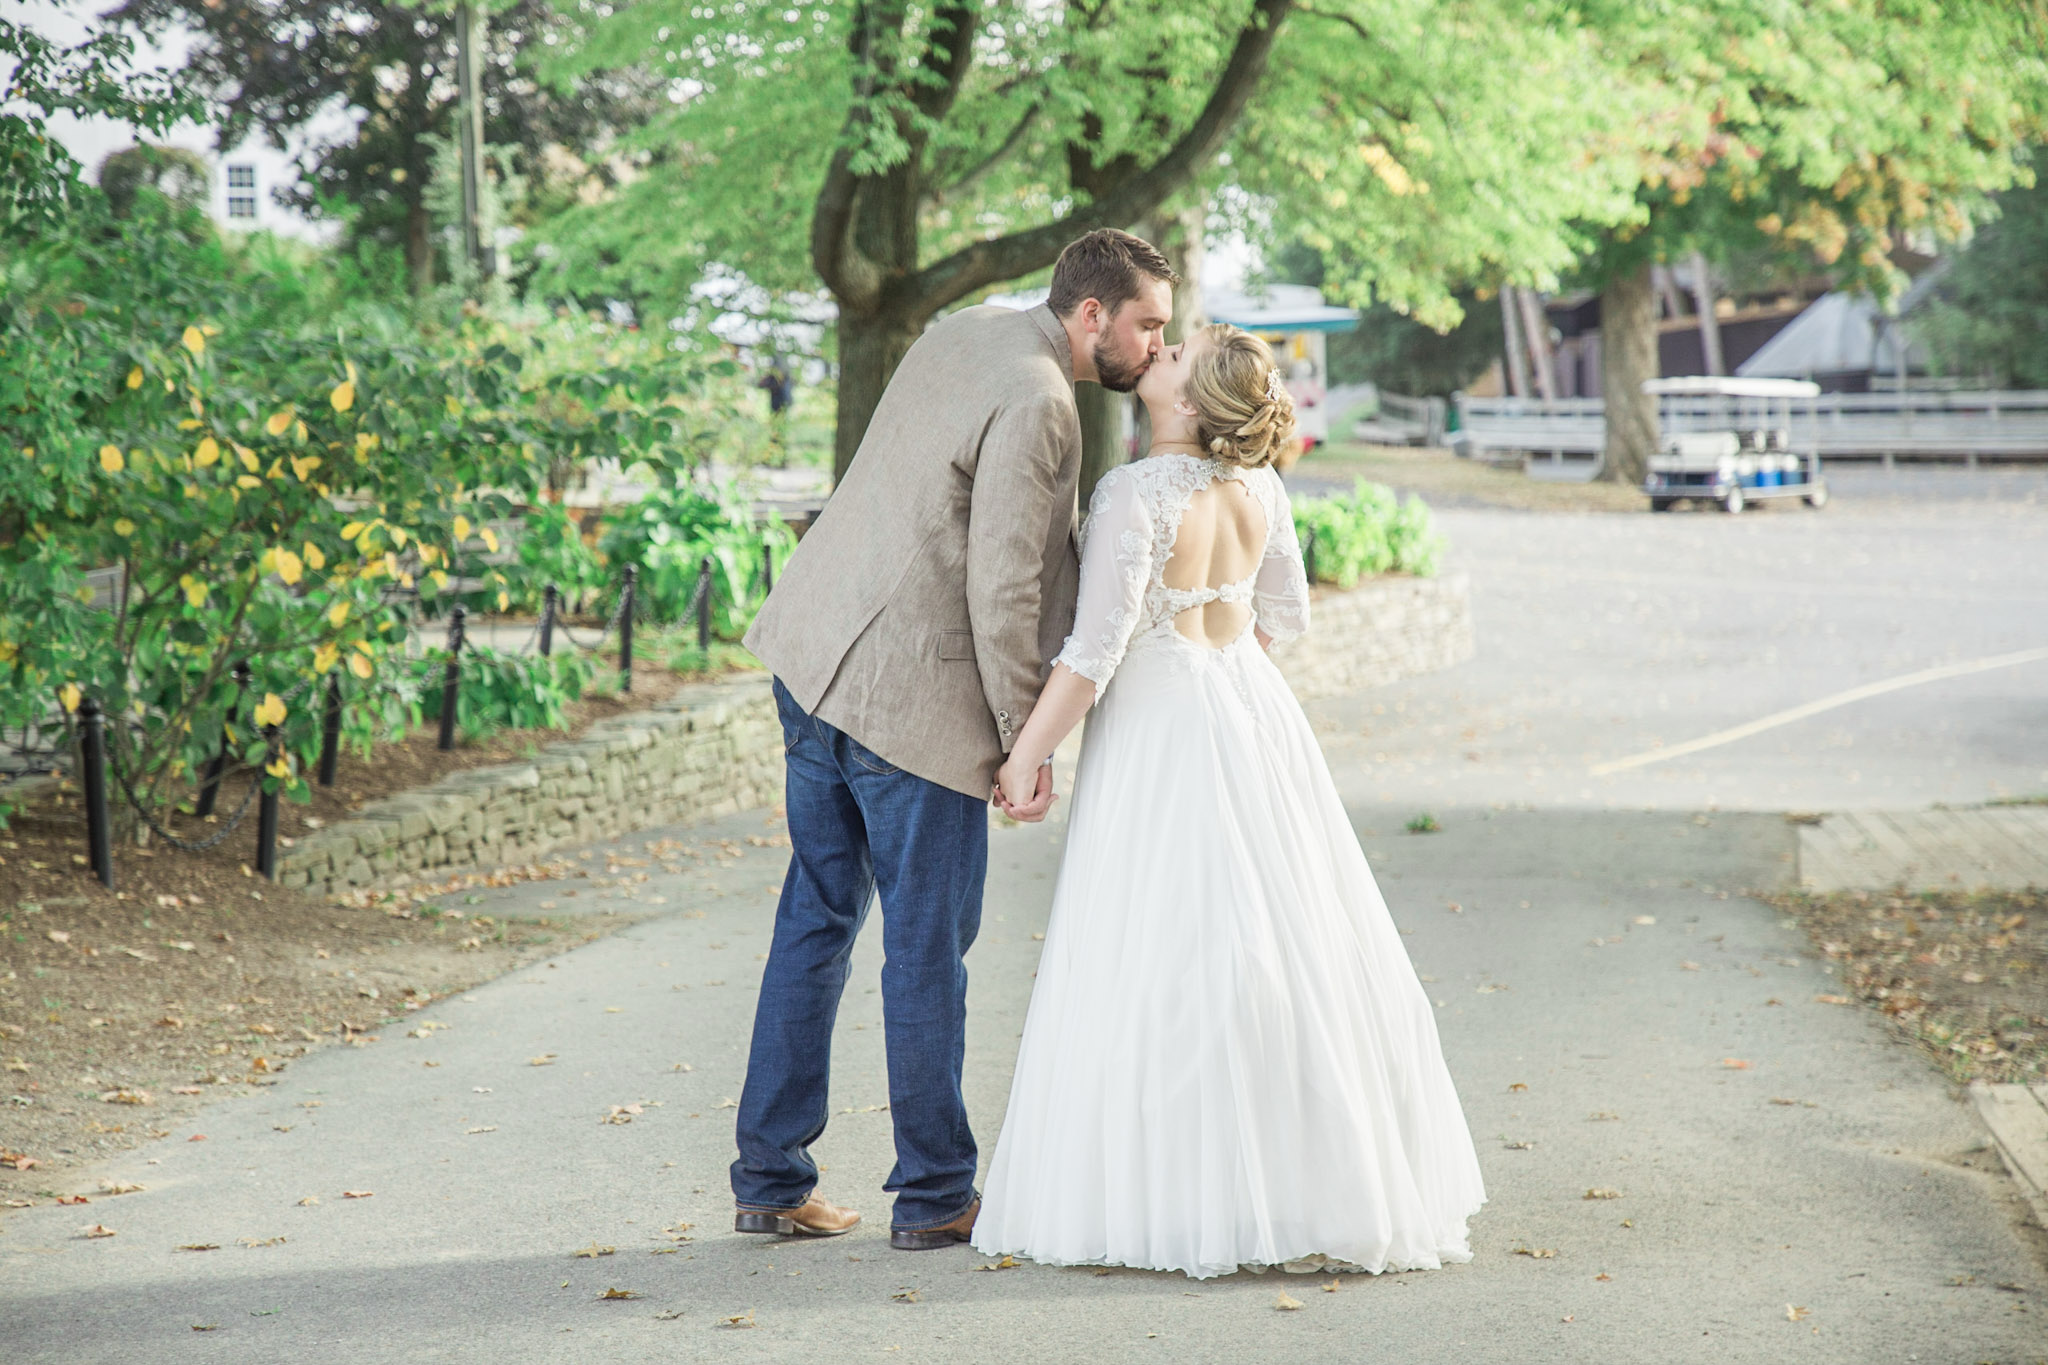 Rhinebeck Wedding, Melindanita Photography